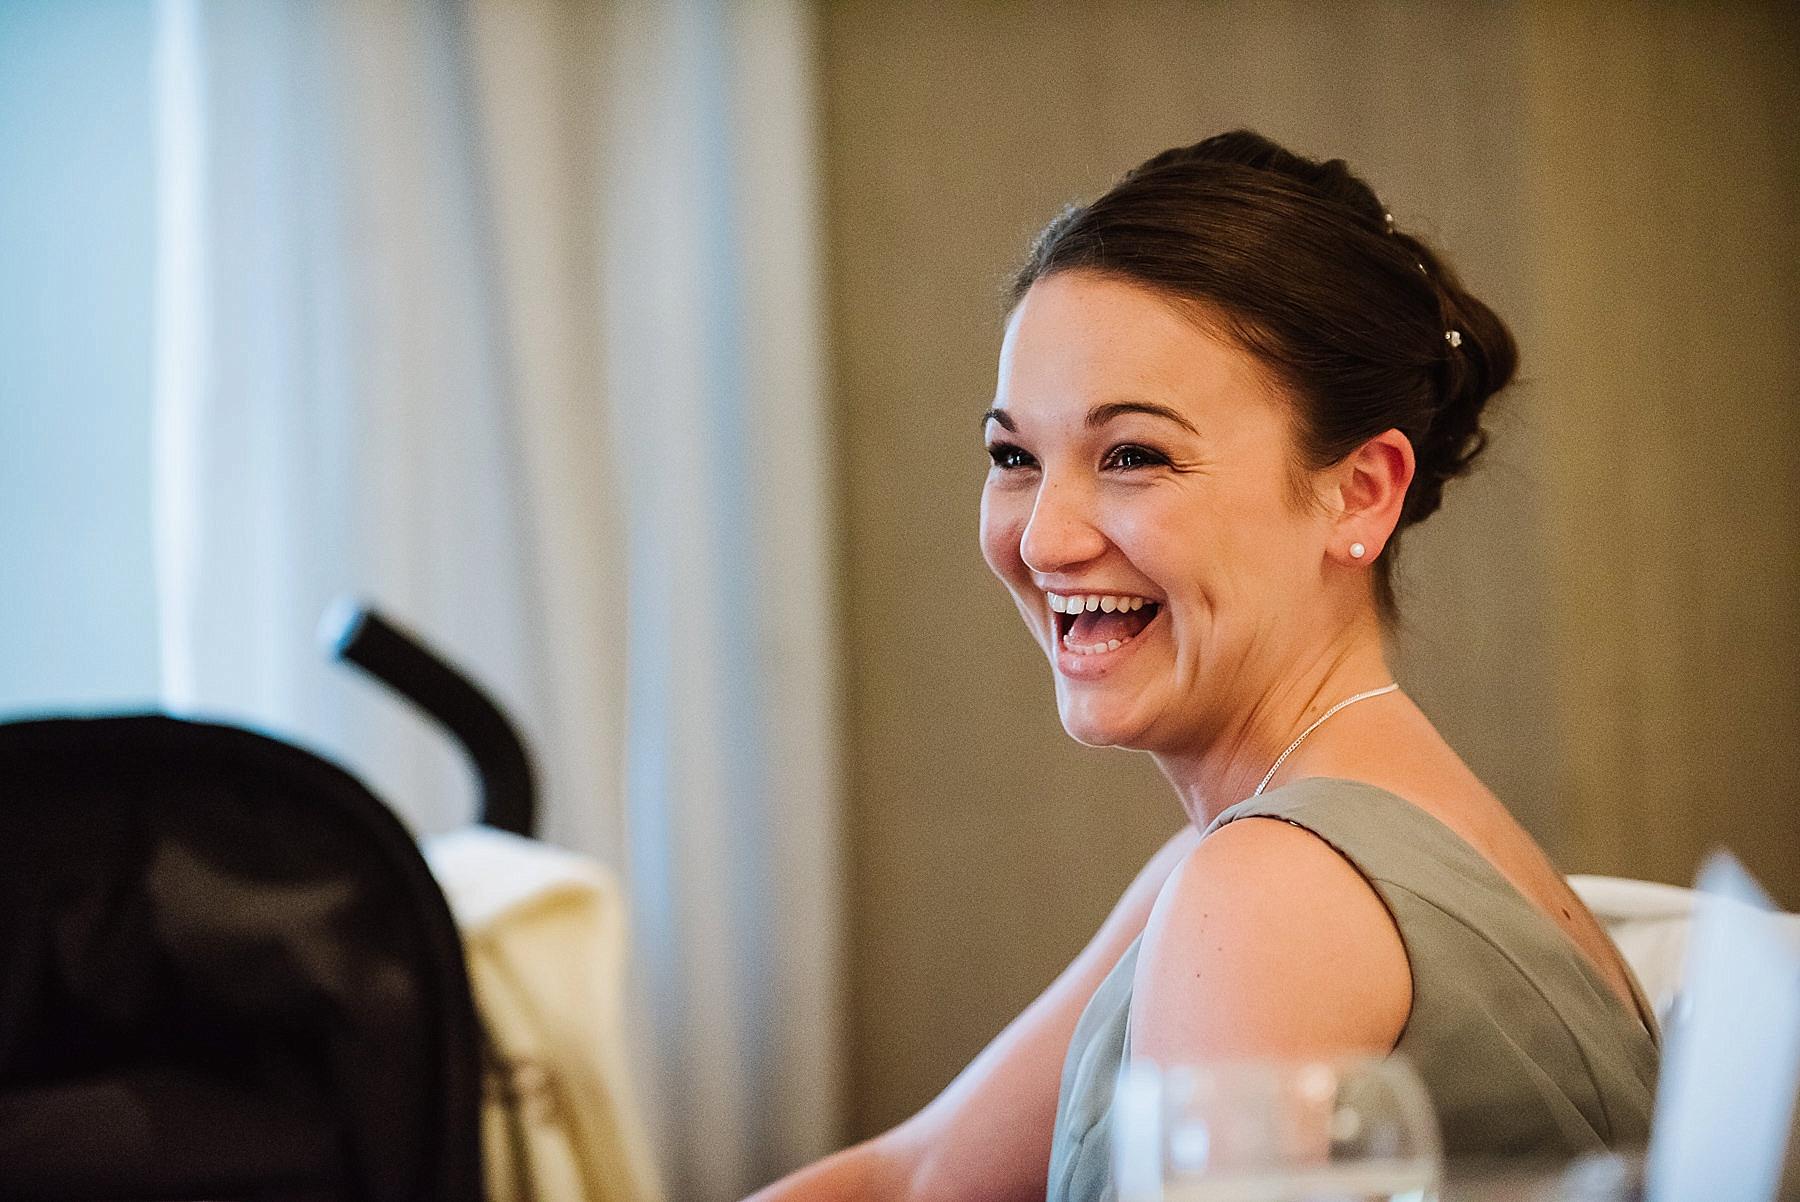 A natural shot of the bridesmaid laughing at the wedding